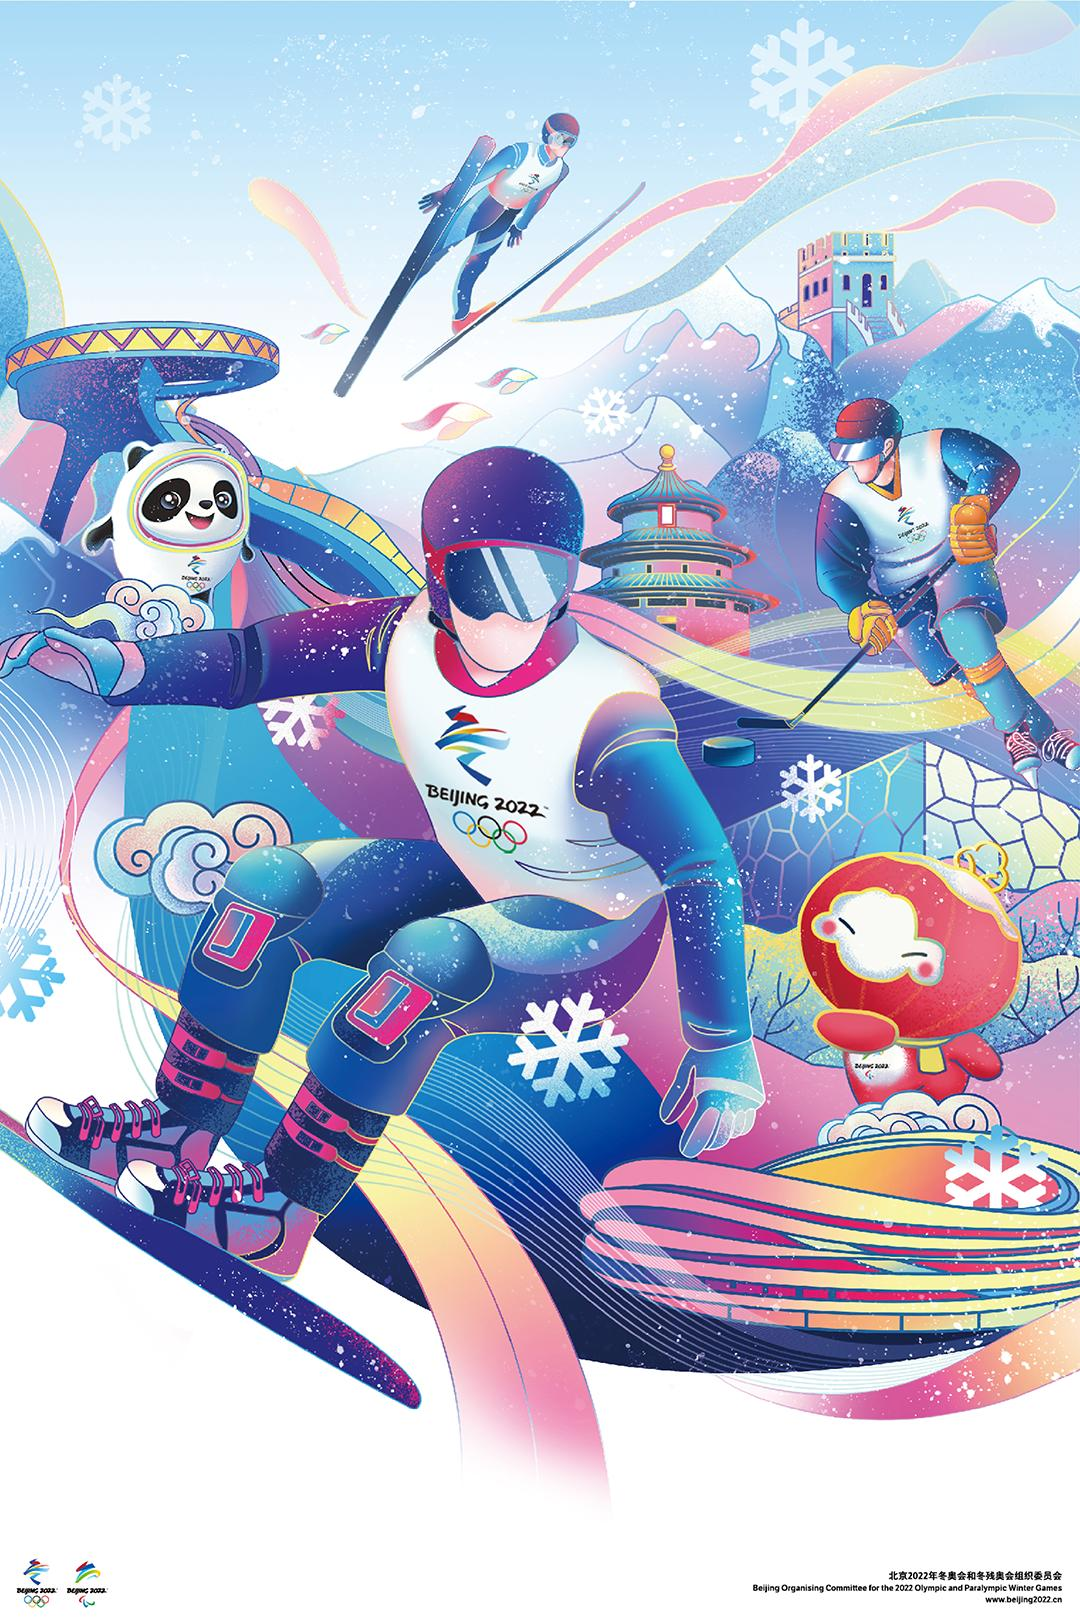 作品名:《健康中國 活力冬奧》作者:趙璐、張陽、謝朝陽、馬如龍 (來自:北京冬奧組委官網)